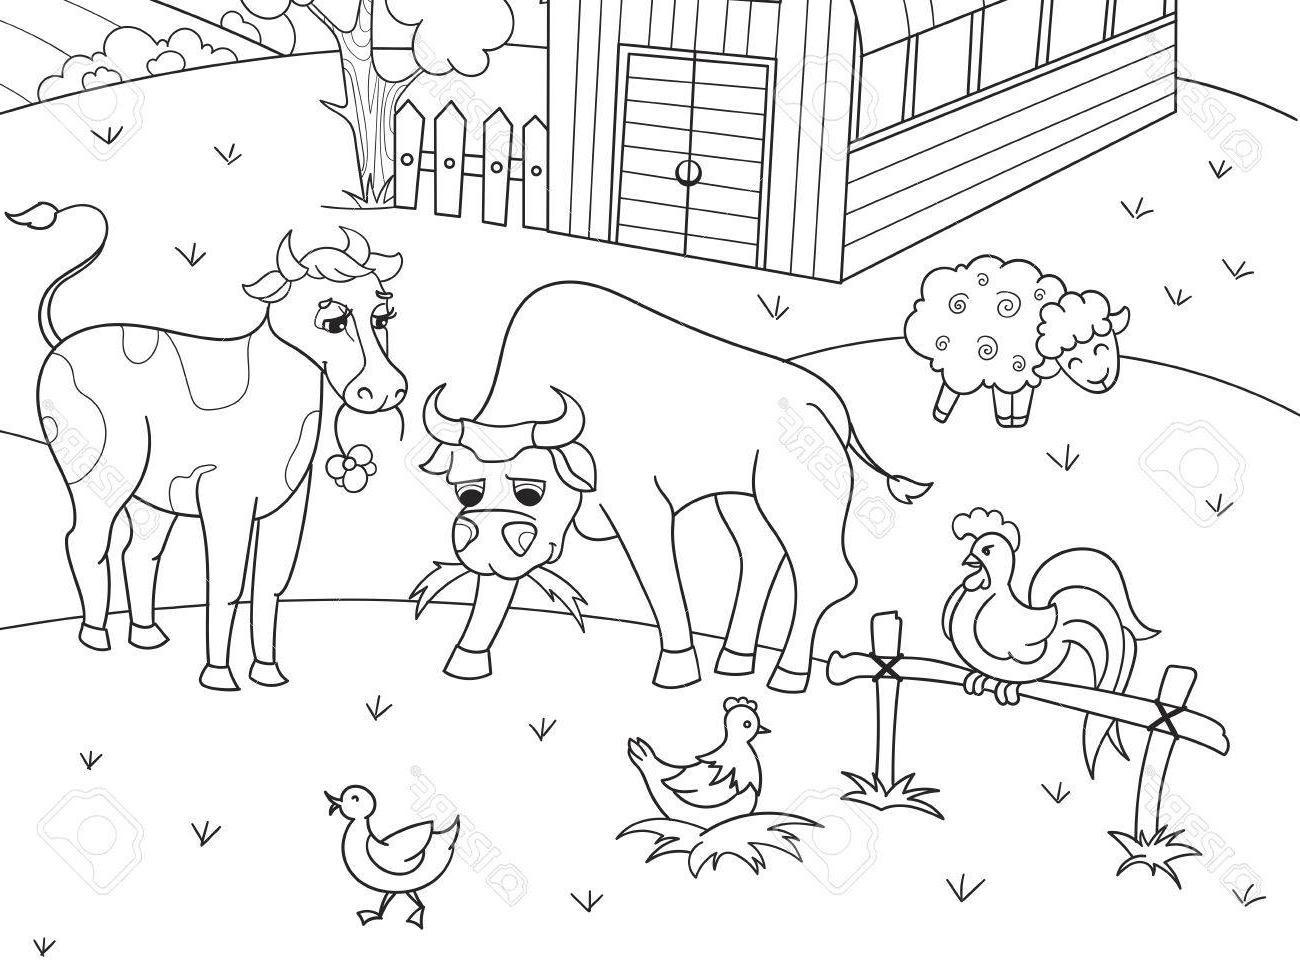 Top Farm Animal Printables Vector Photos » Free Vector Art, Images - Free Printable Farm Animal Pictures